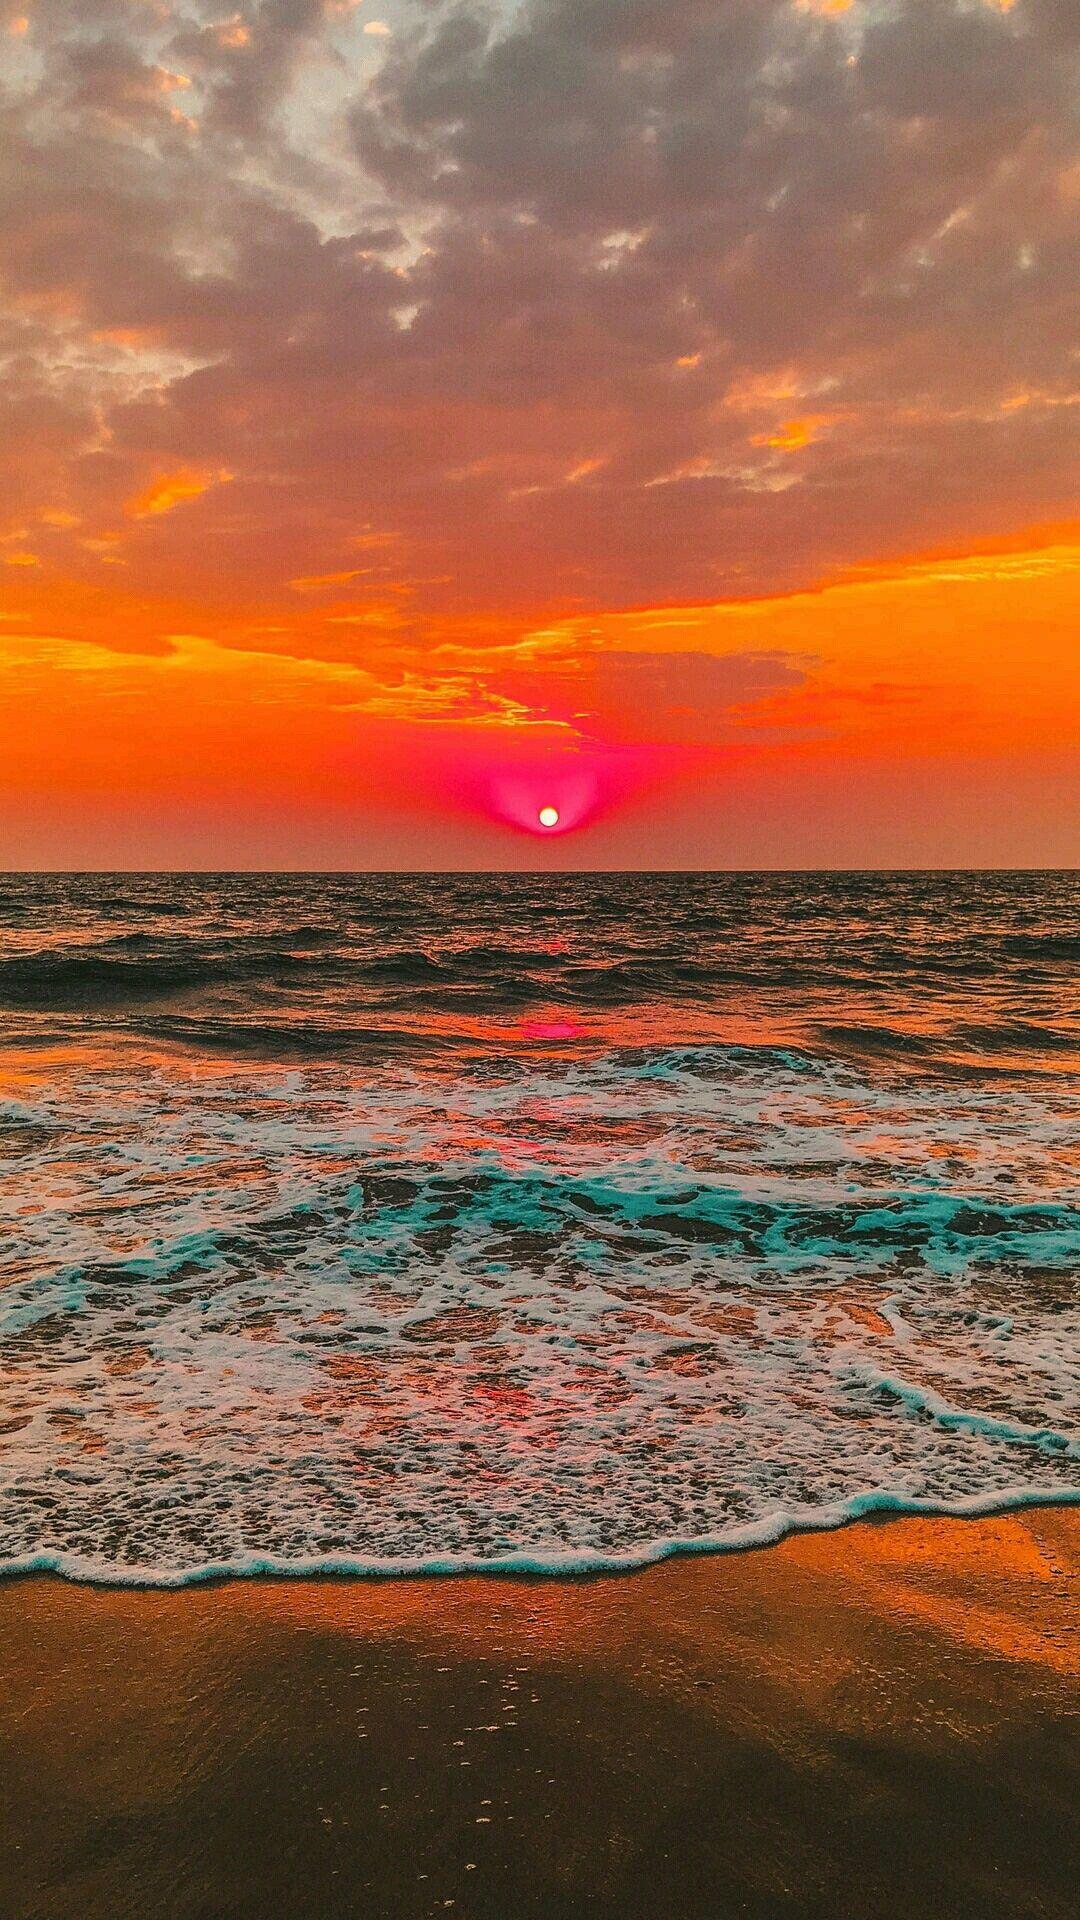 Iphone 11 Wallpaper 4k Sunset 1080x1920 Download Hd Wallpaper Wallpapertip